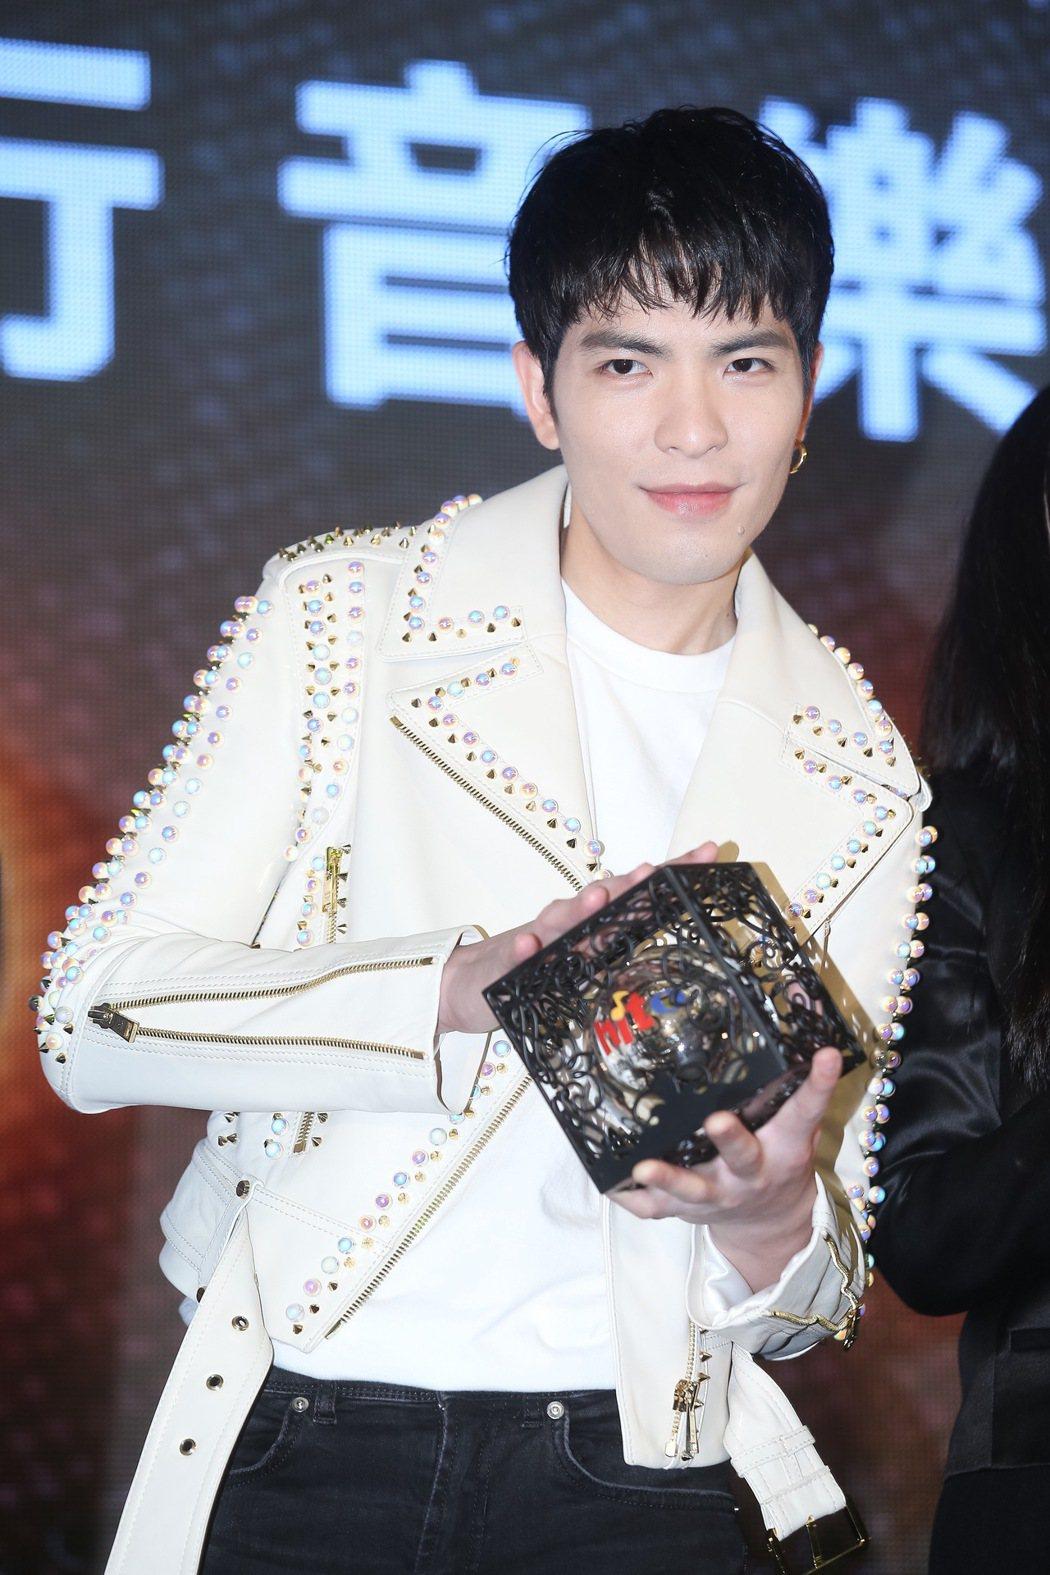 蕭敬騰出席hito流行音樂獎頒獎典禮啟動記者會。記者余承翰/攝影